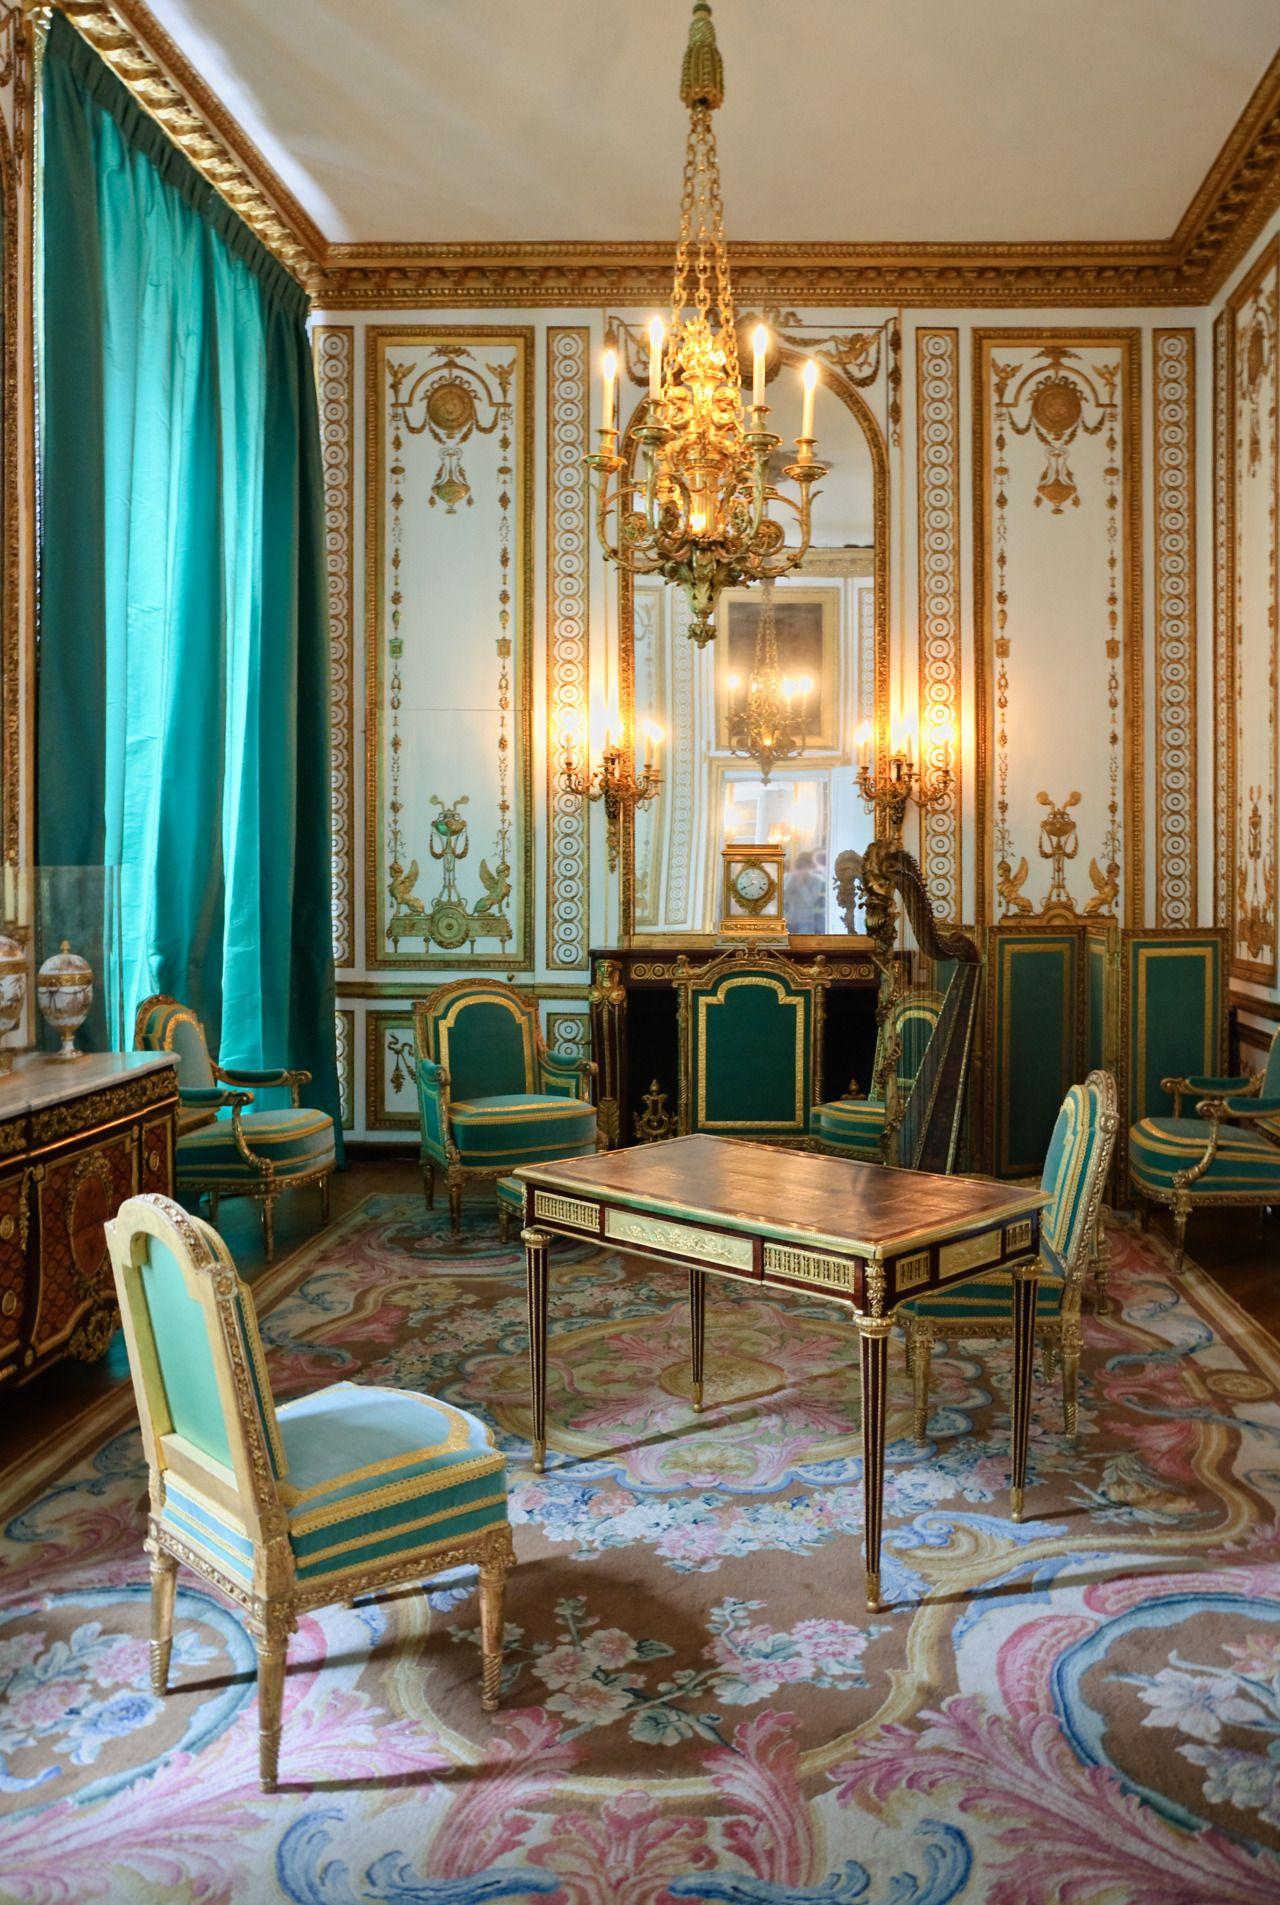 Ch teau de versailles interior baroque rococco art and architectur - Photo chateau de versailles ...